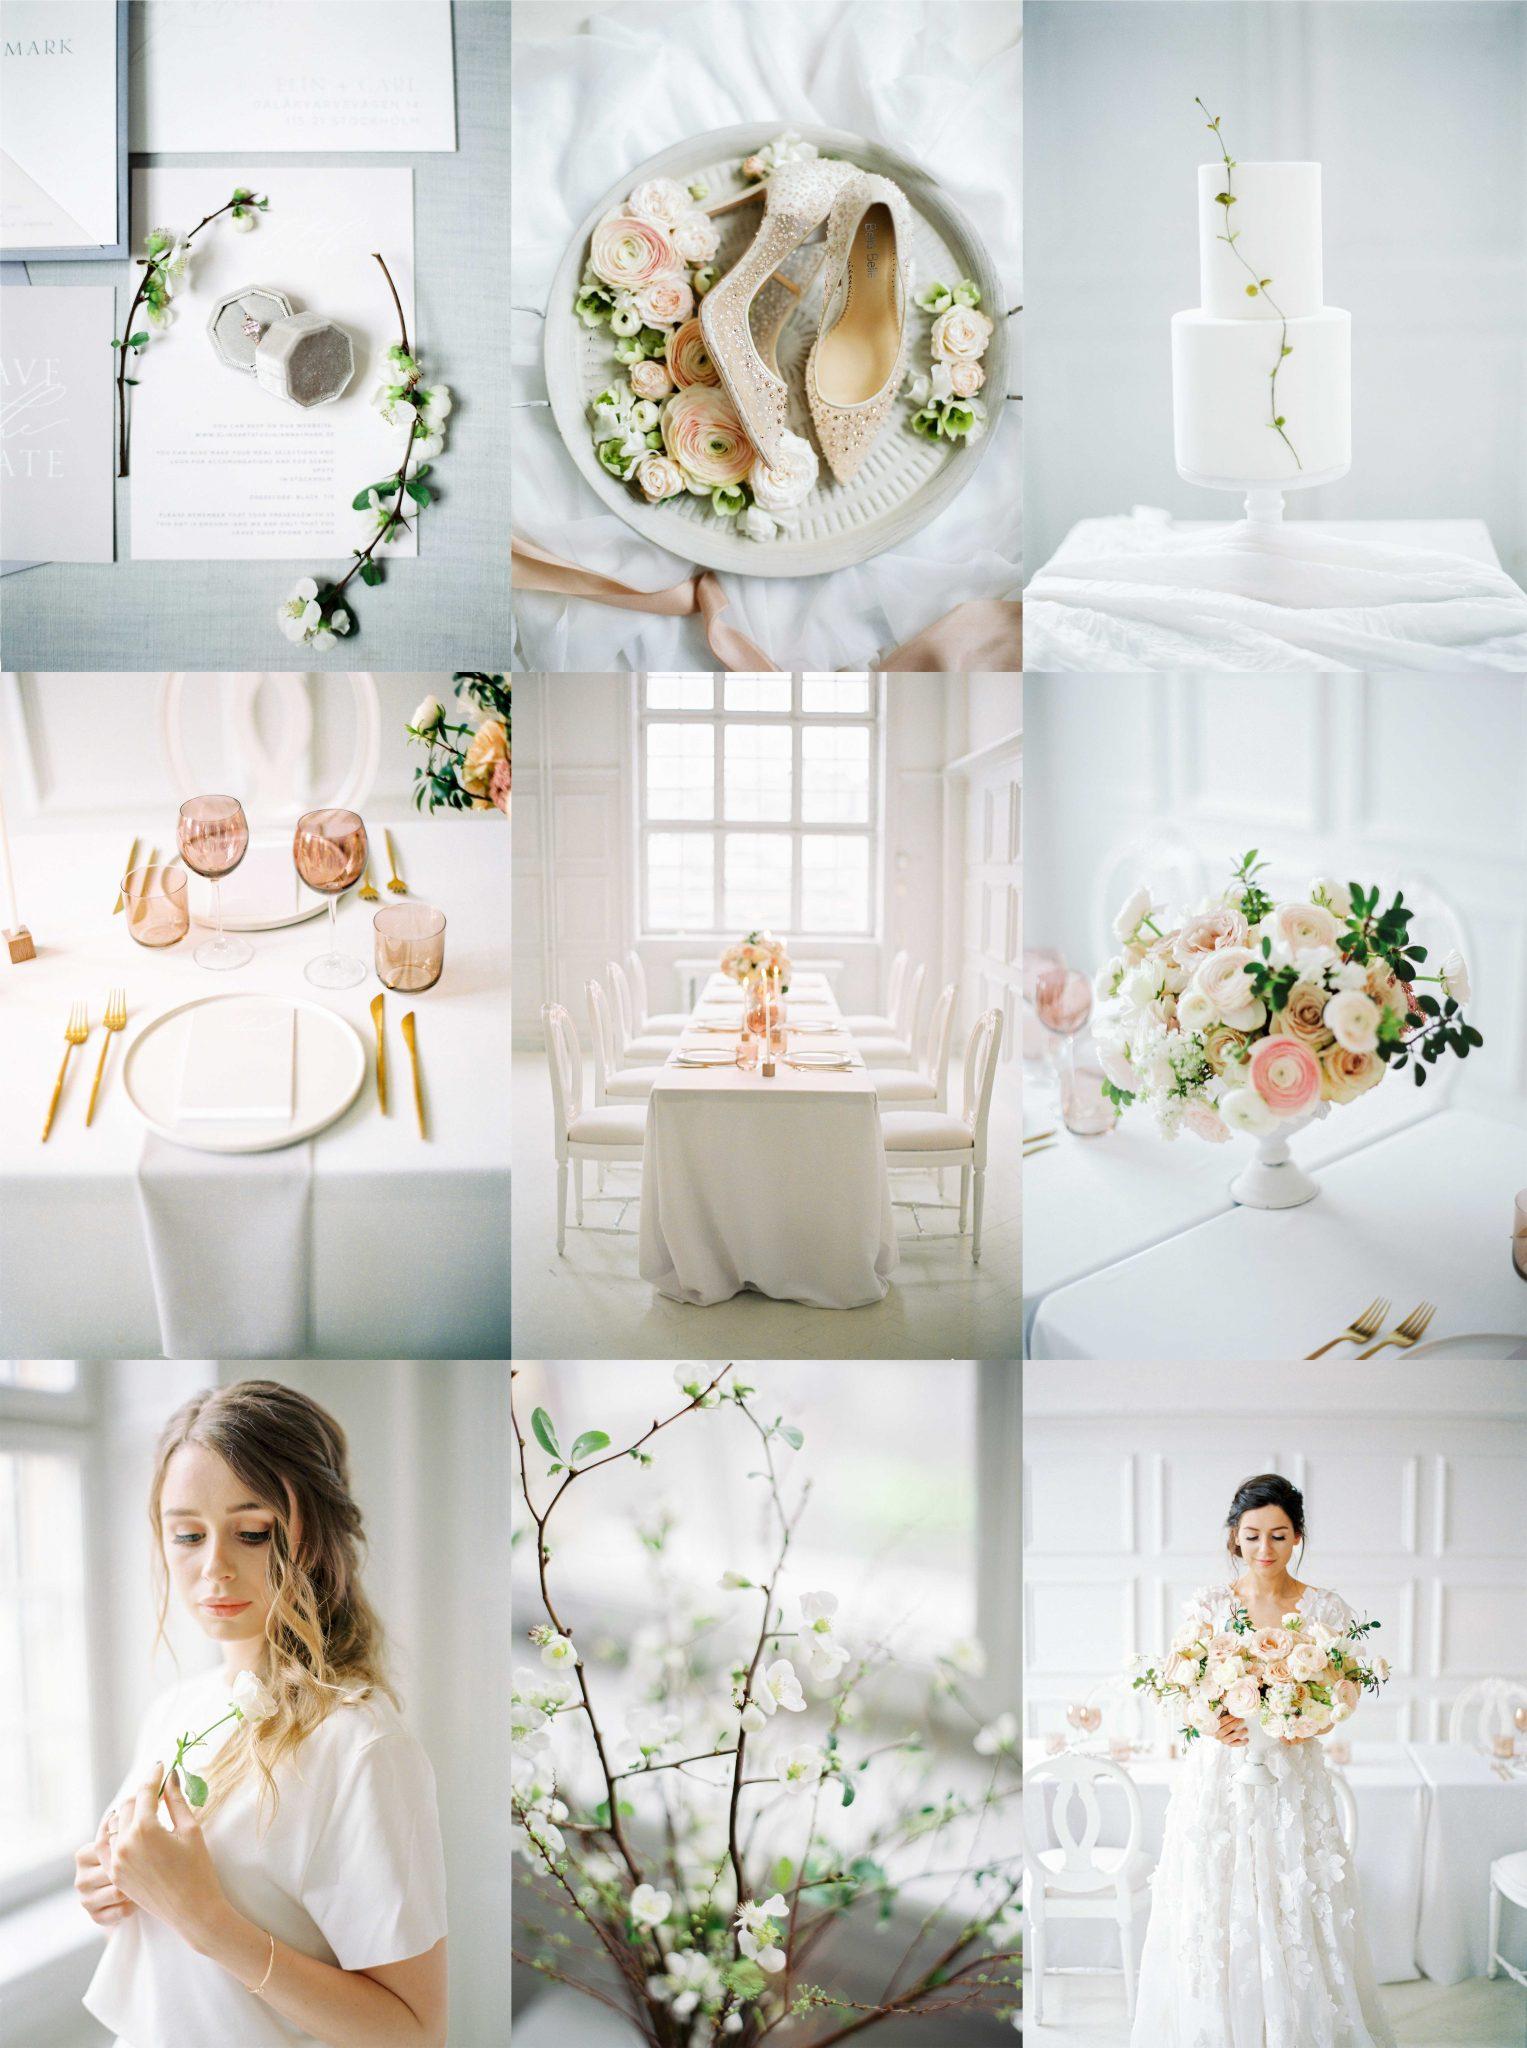 Bröllopsfotograf, Bröllop, Anette Bruzan, Contax 645